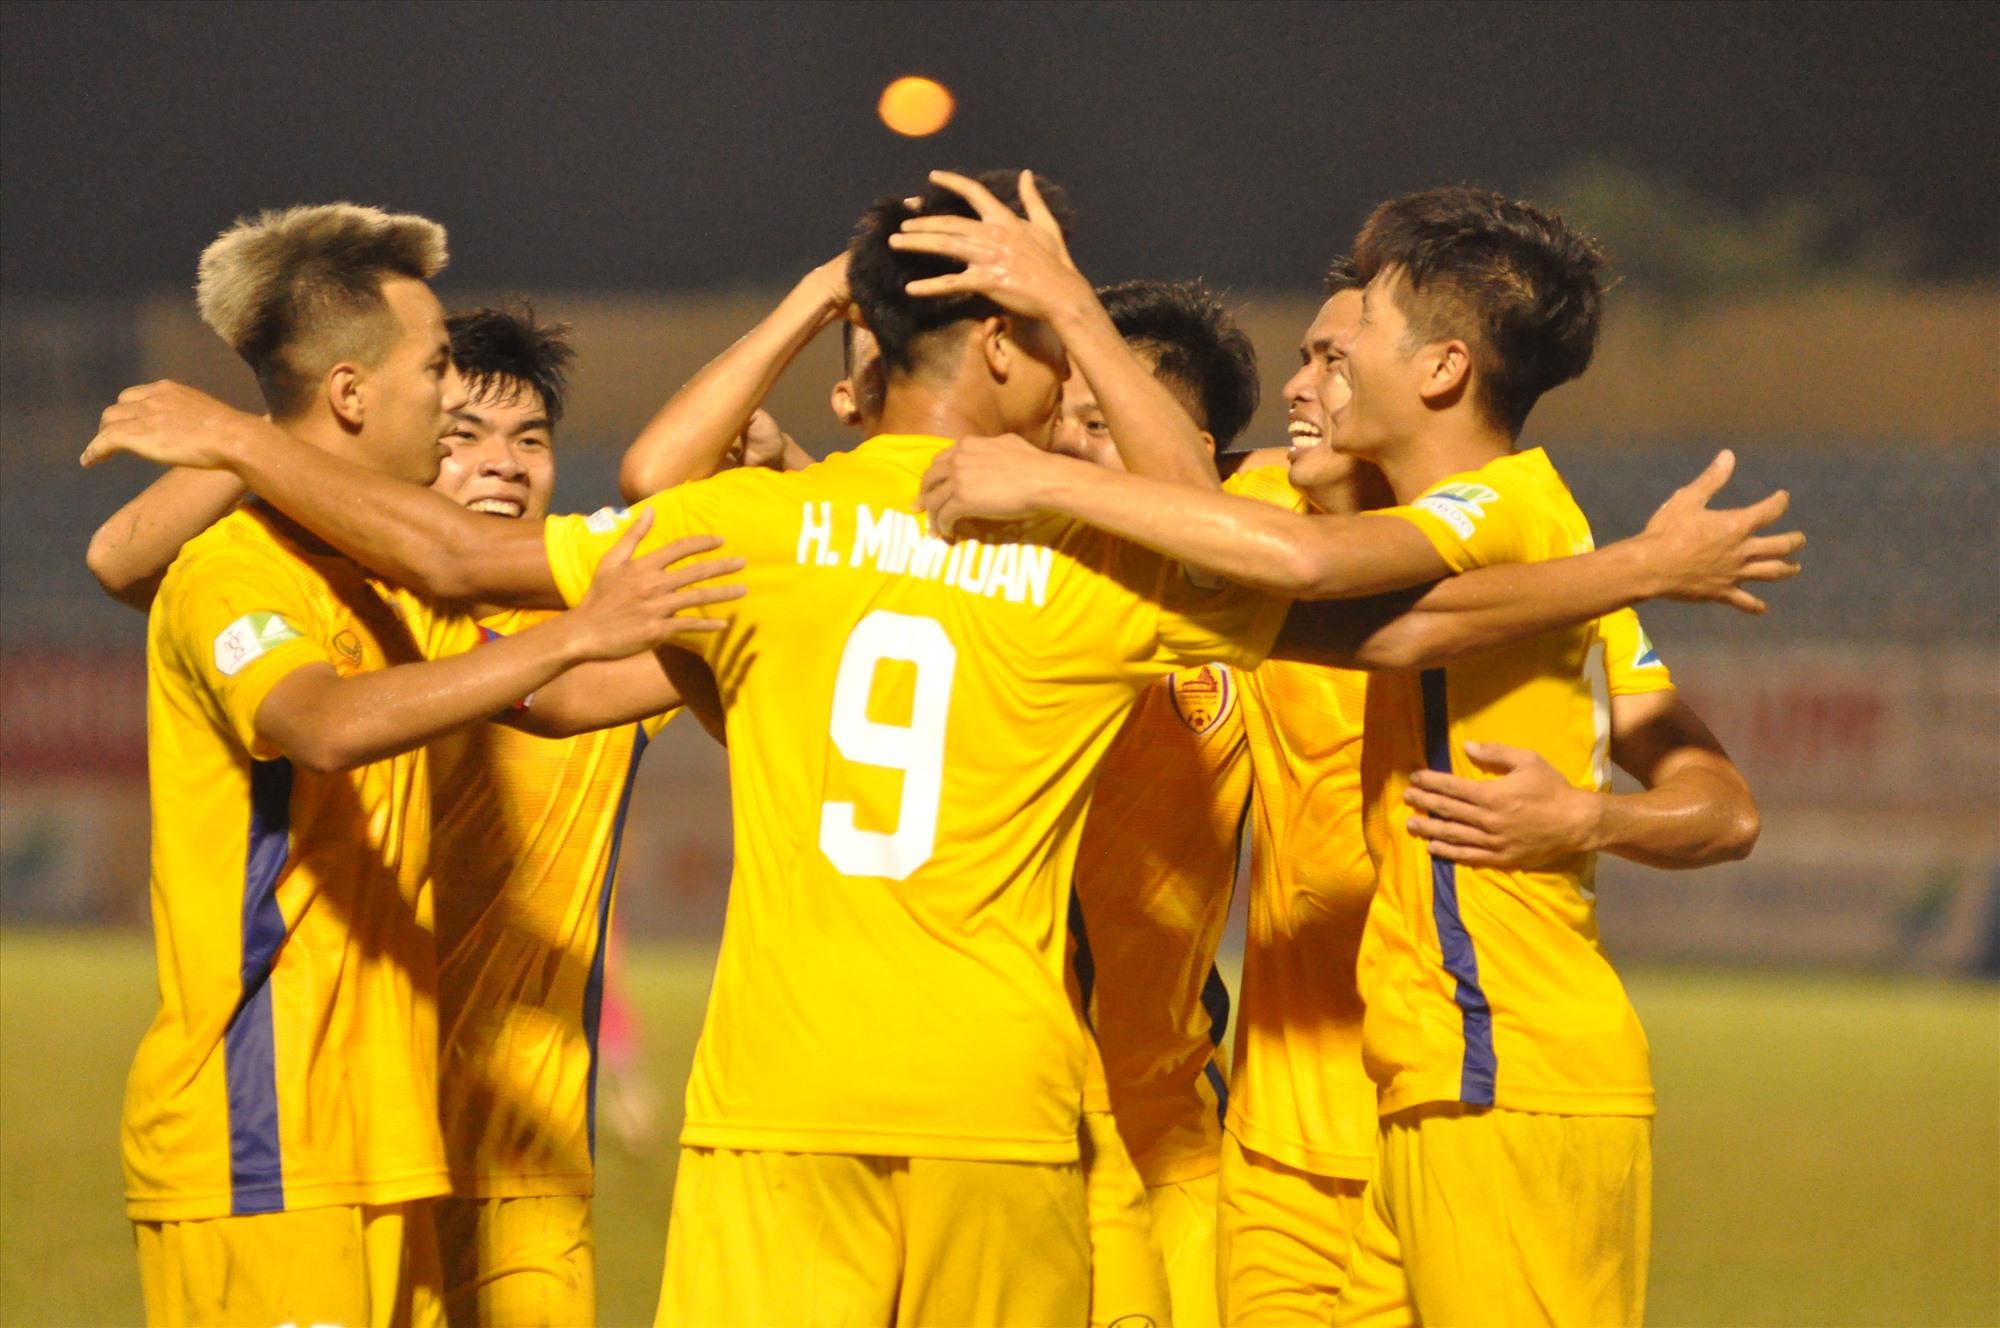 Niềm vui của các cầu thủ Quảng Nam sau khi Minh Tuấn ghi bàn quyết định đến chiến thắng. Ảnh: T.V